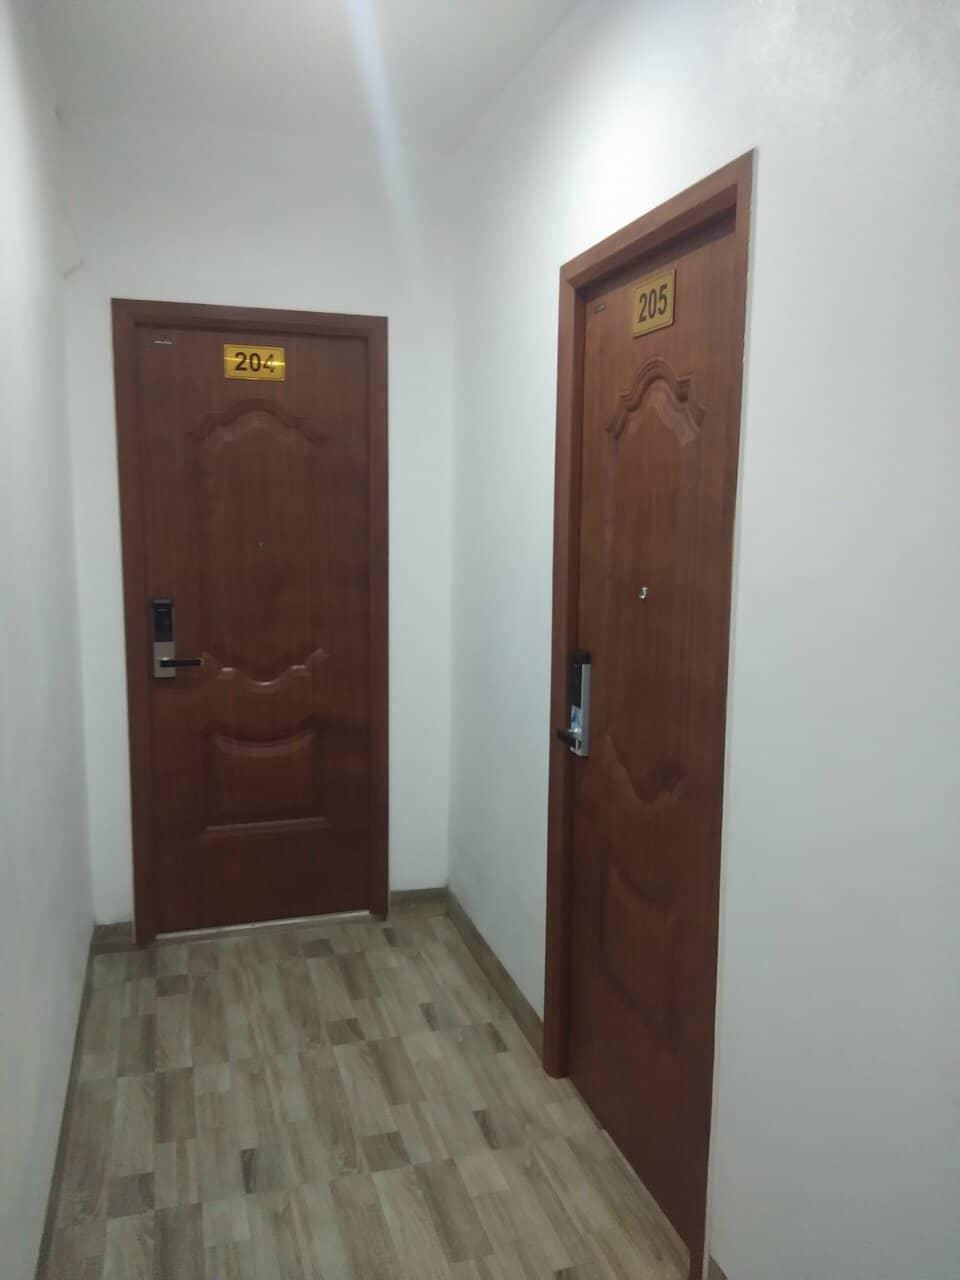 Lắp cửa sắt giả gỗ Galaxy cho chung cư